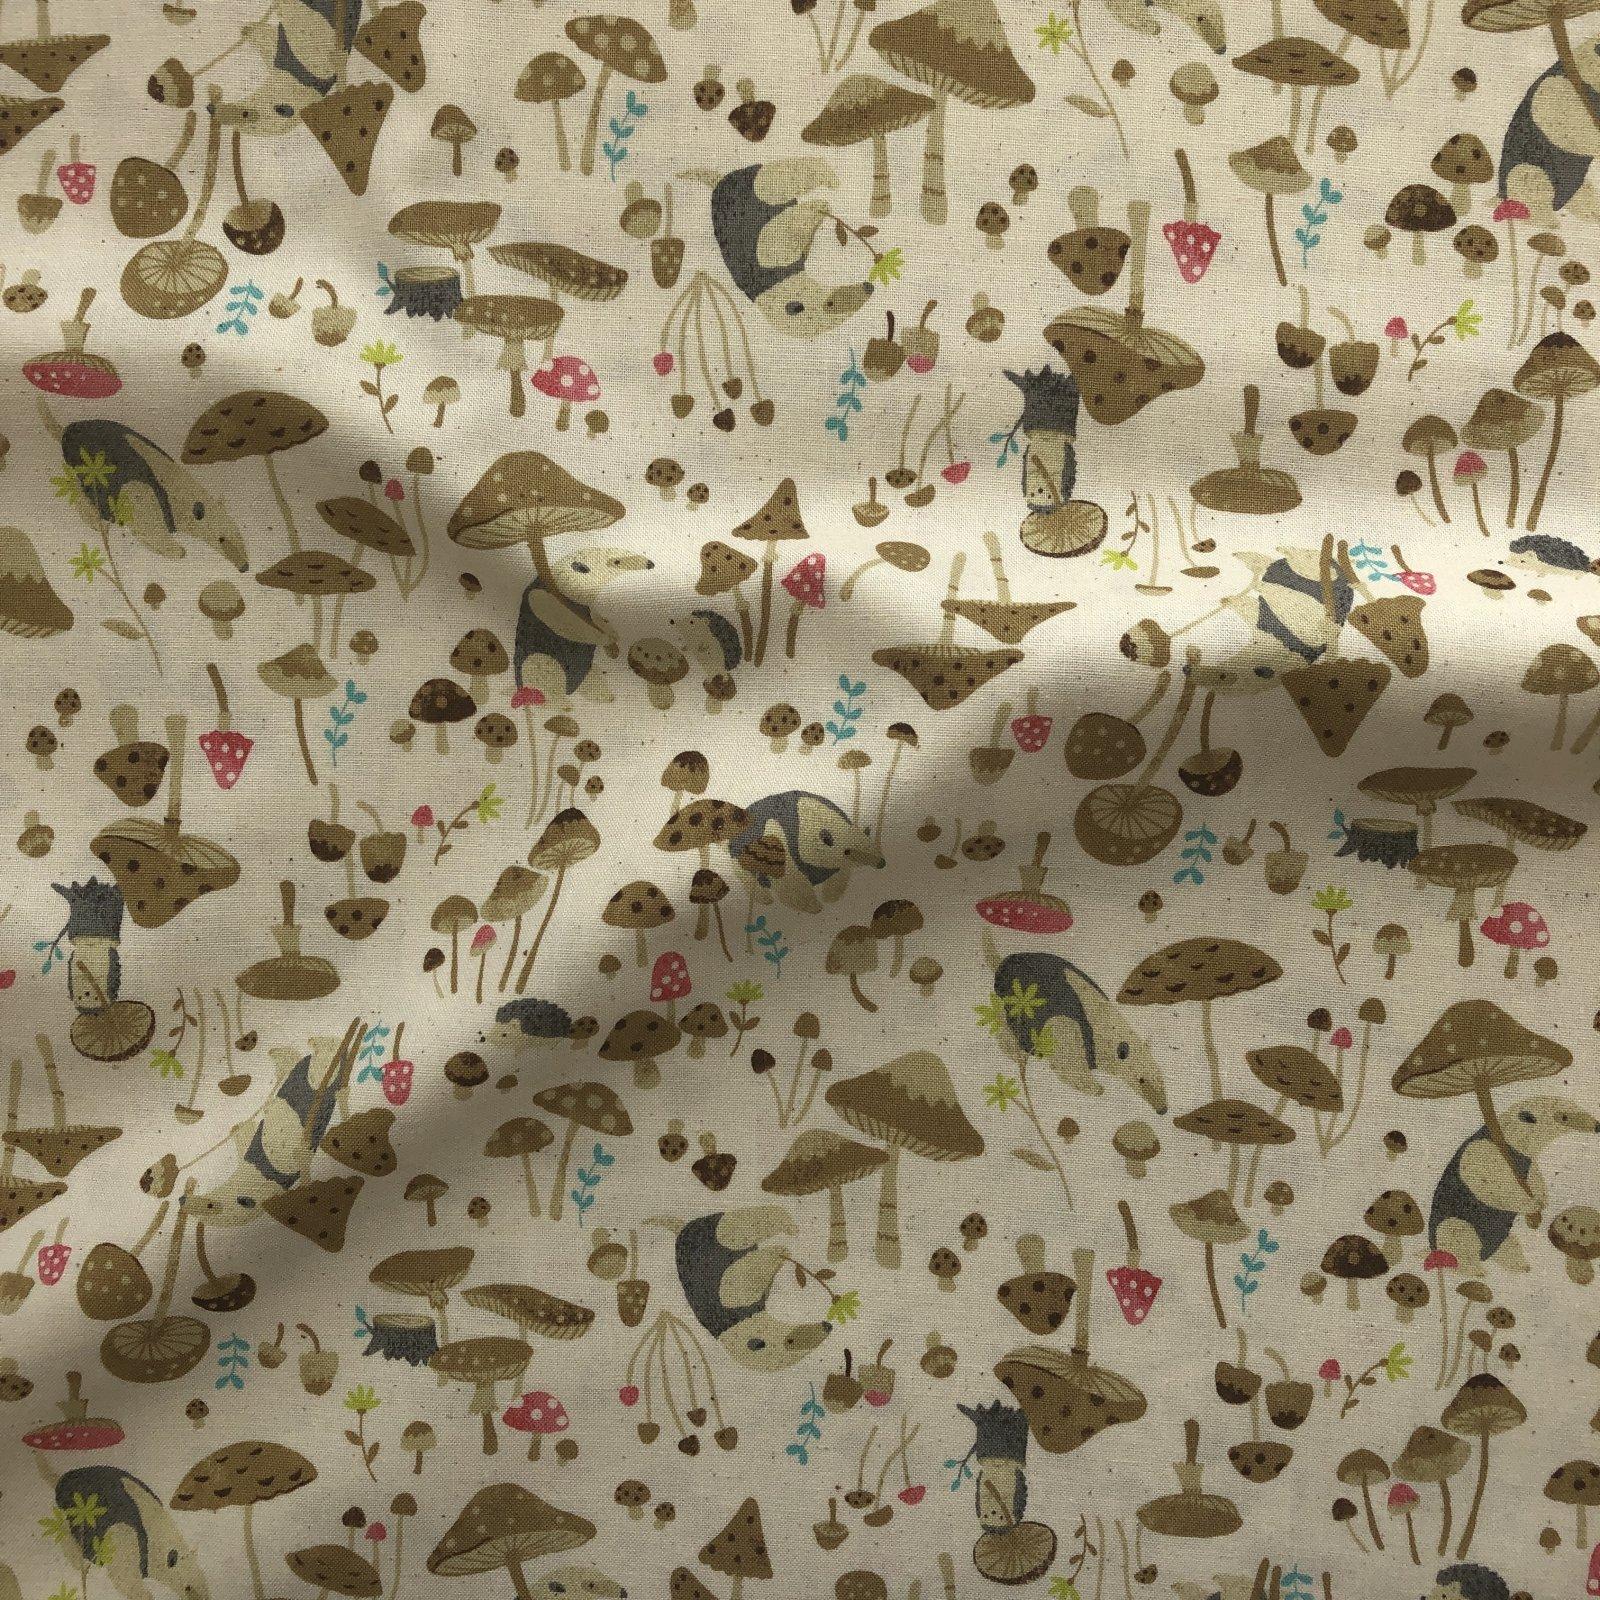 Kokka - Cotton Sheeting - Anteater & Hedgehog - Brown